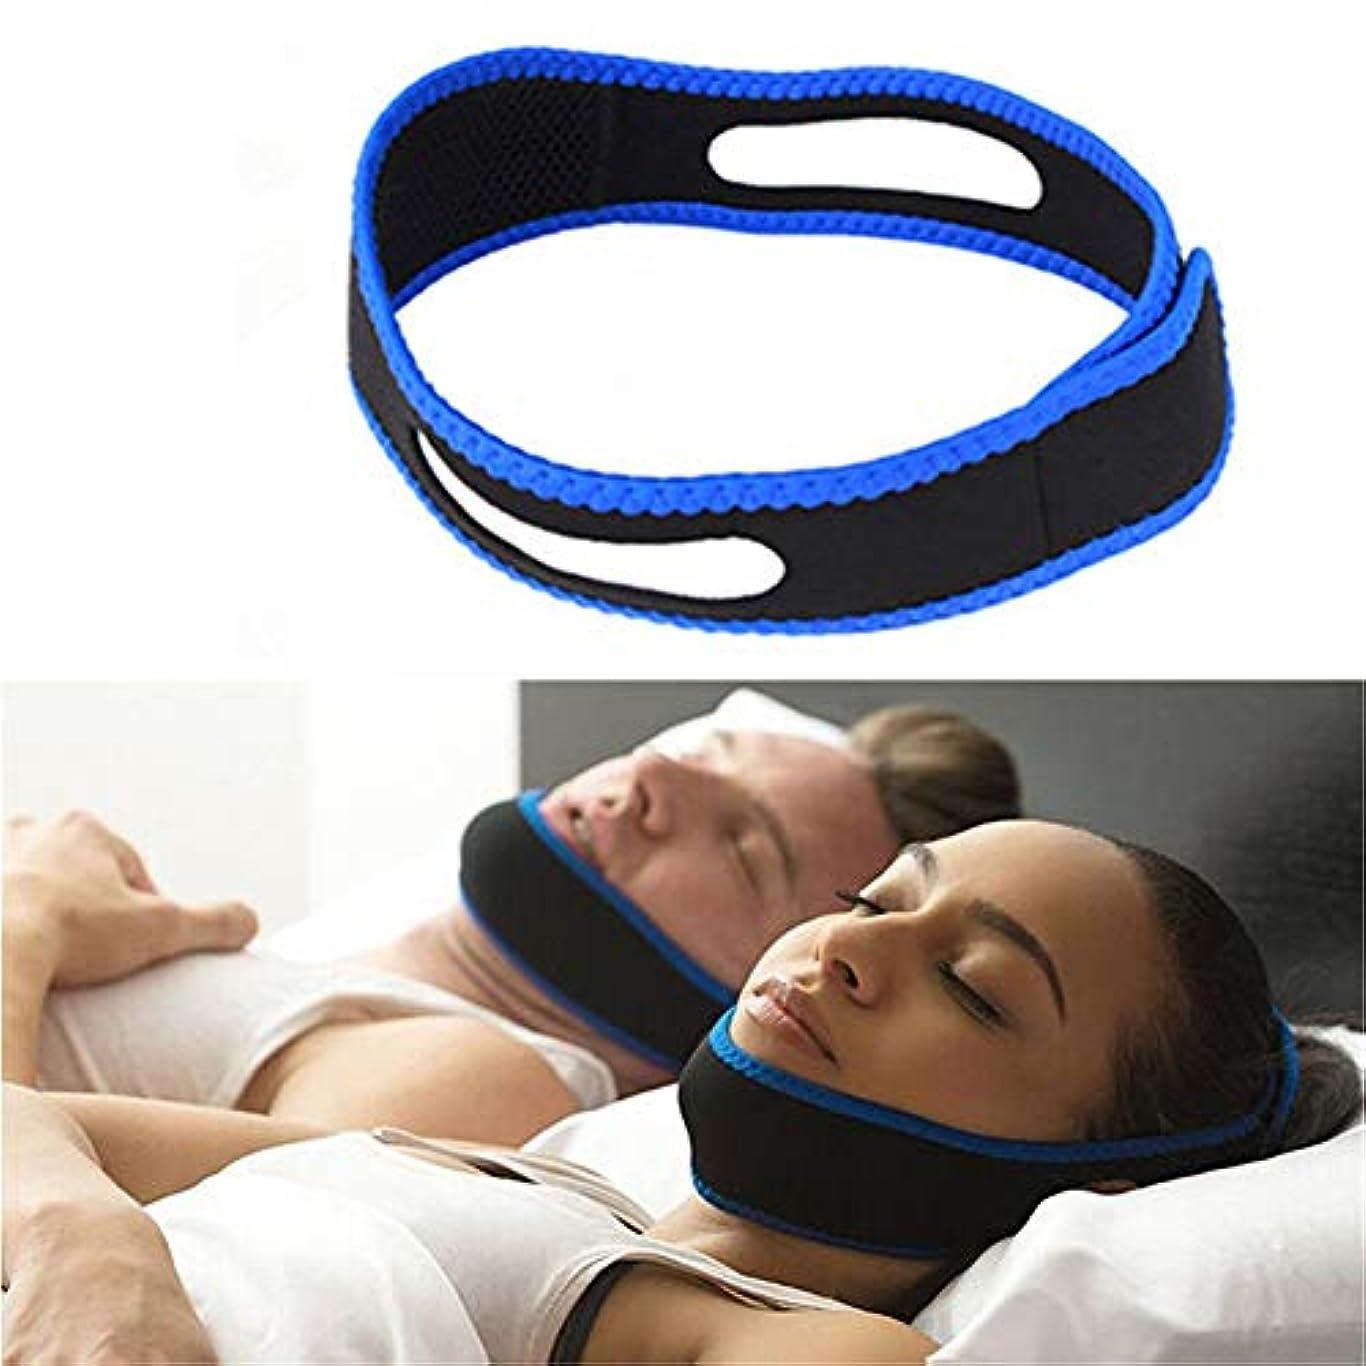 ひいきにする作成者人工Angzhili いびき軽減グッズ いびき防止装置 いびき対策グッズ 睡眠補助 快眠サポーター 肌に優しい サイズ調整可能 男女兼用